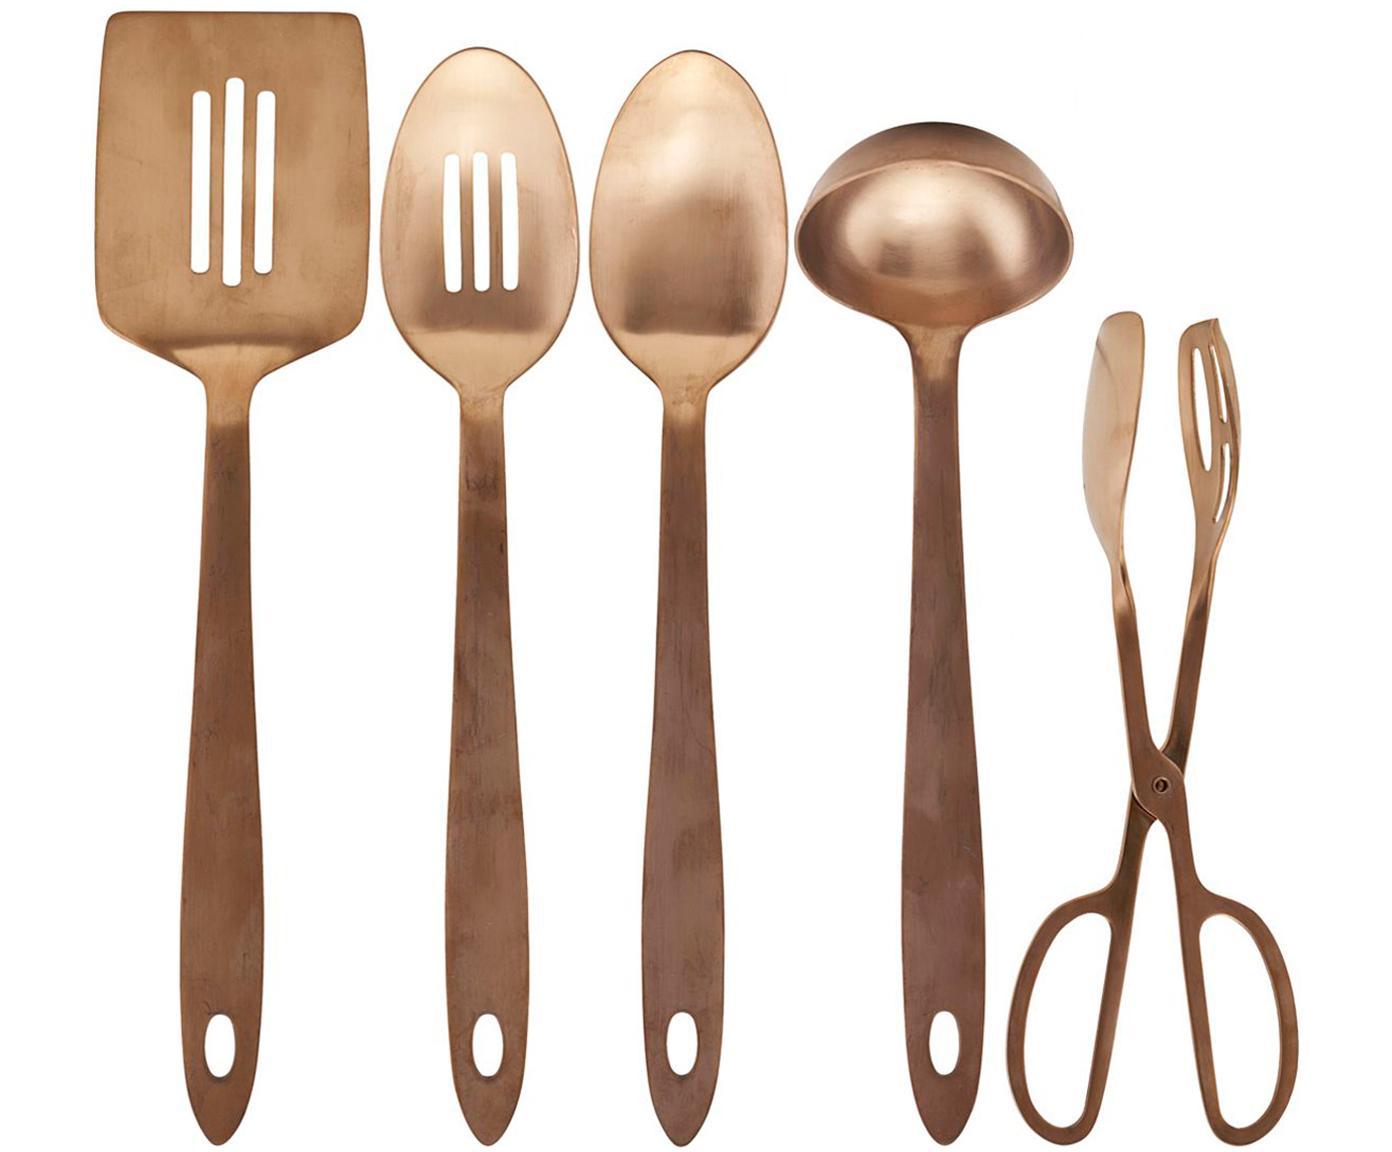 Küchenutensilien Take in Kupfer, 5er-Set, Edelstahl, Kupferfarben, Verschiedene Grössen